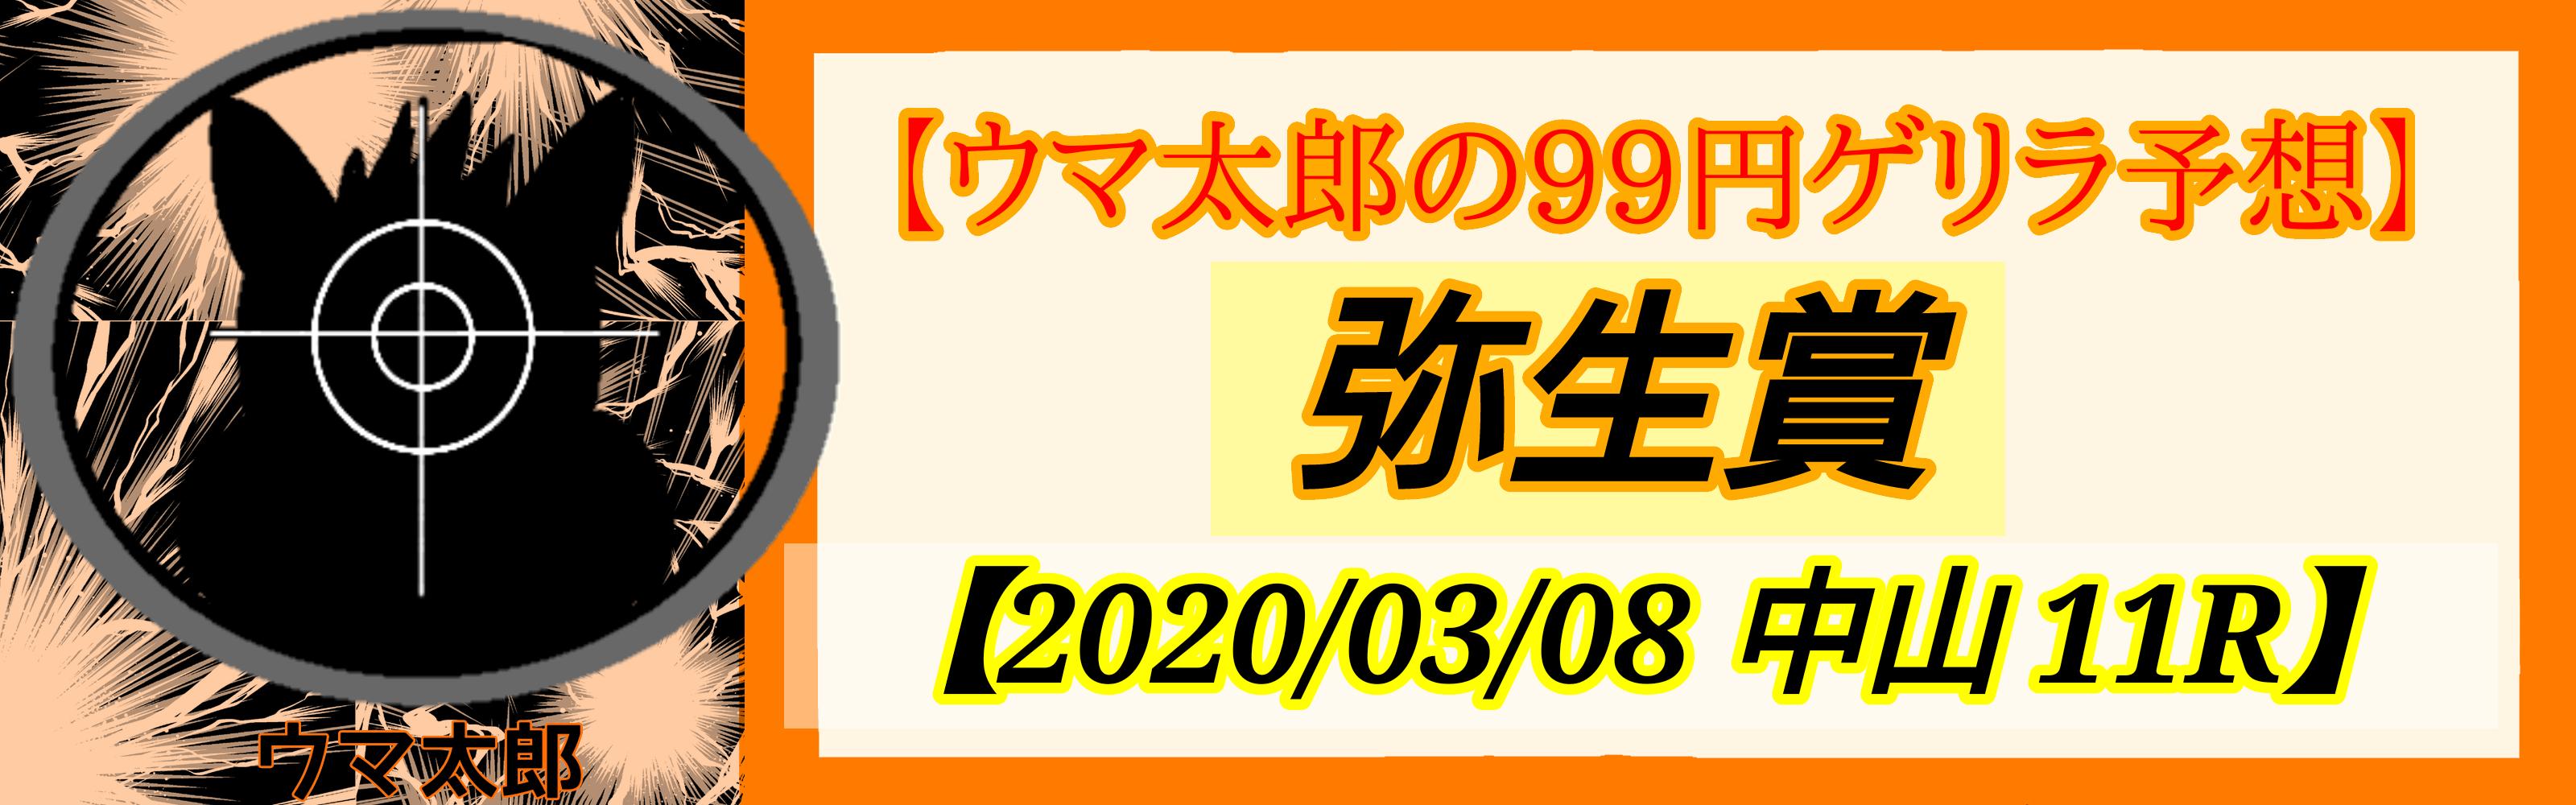 ゲリラ99予想 弥生賞